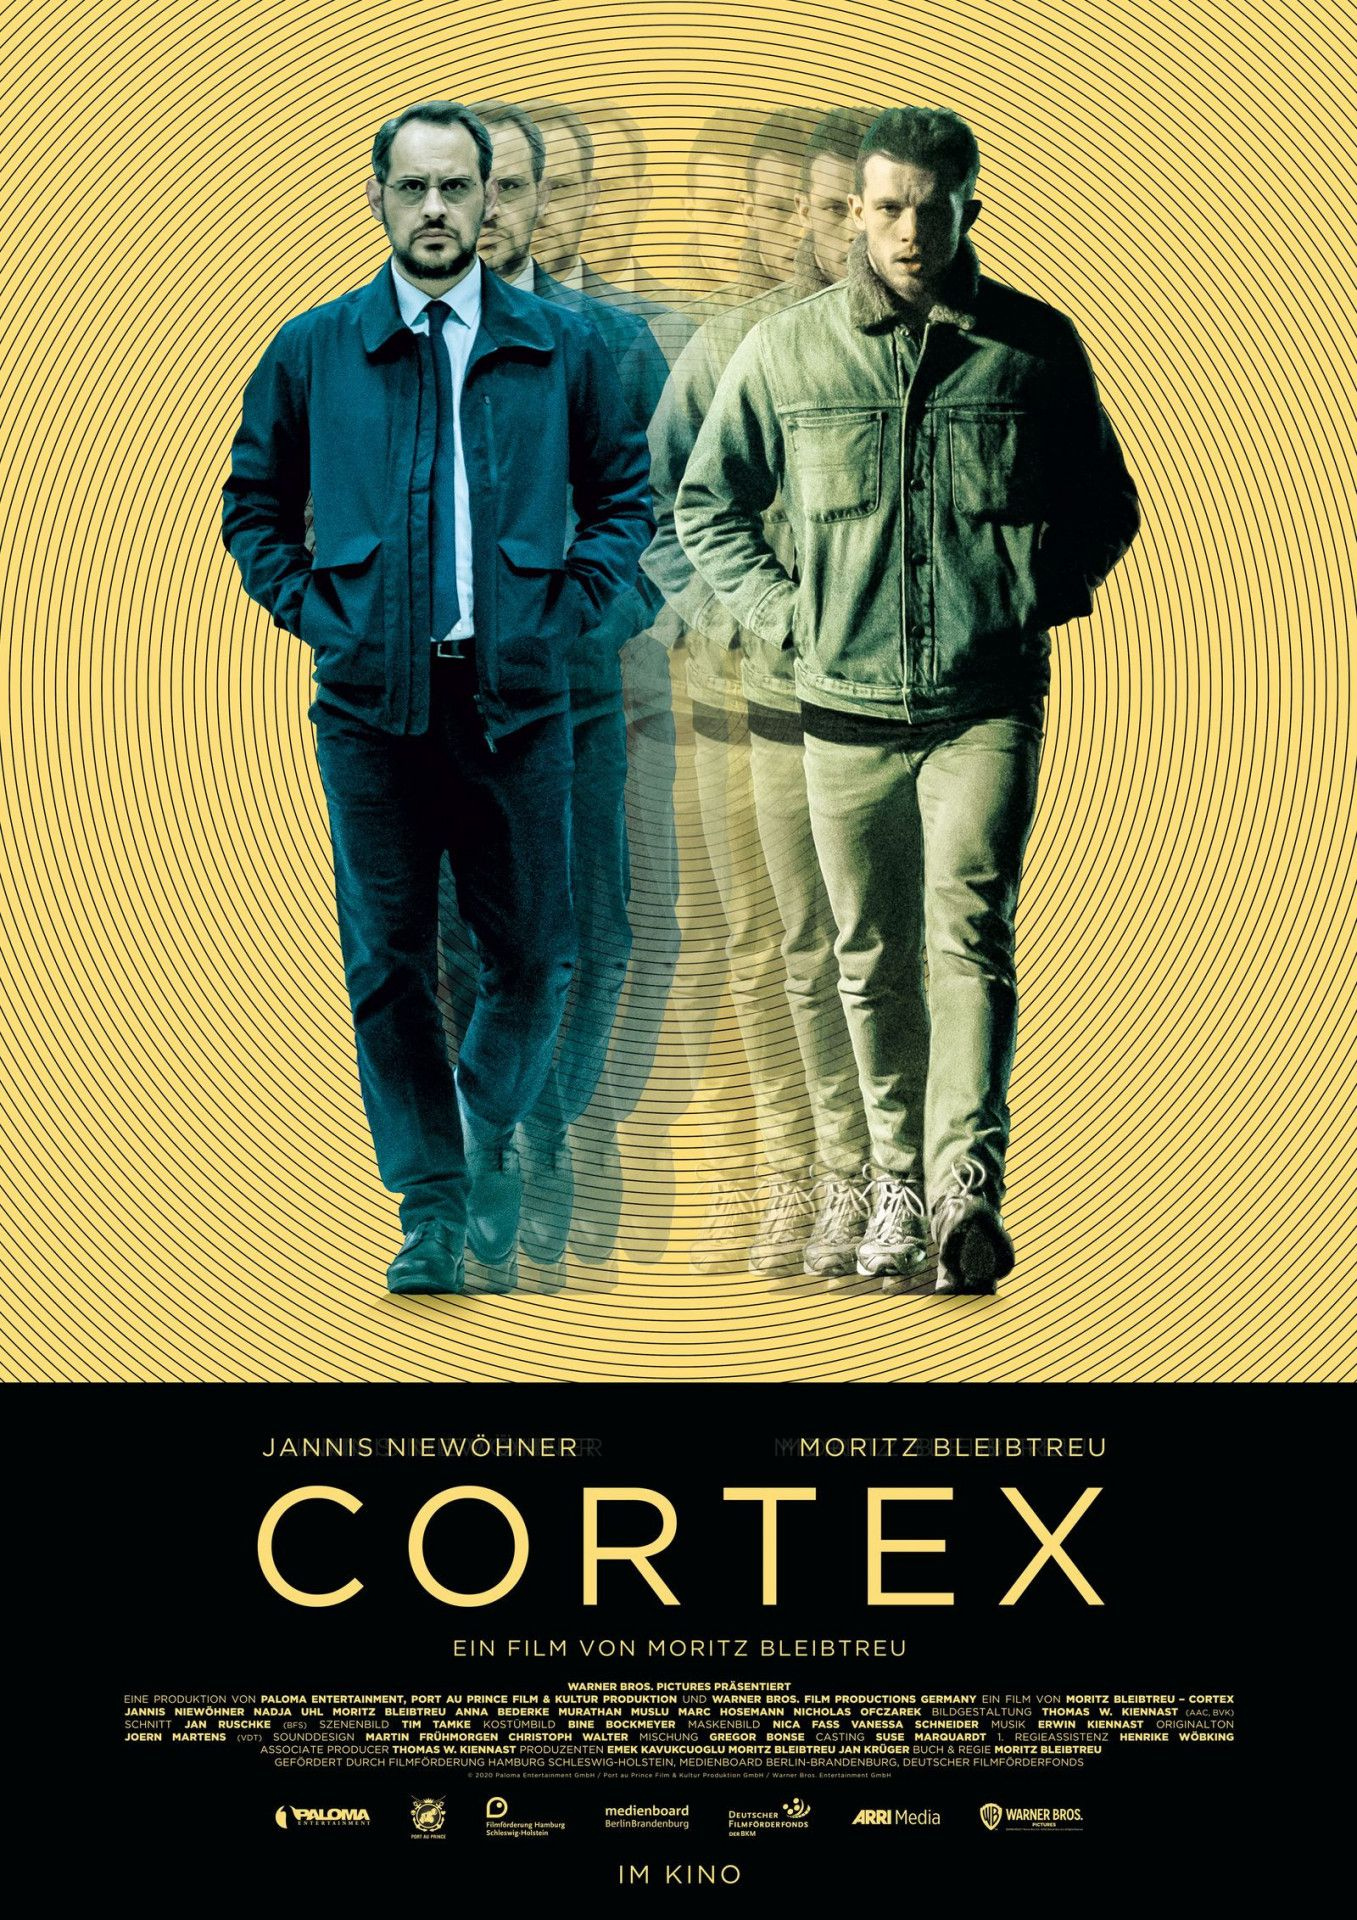 """Moritz Bleibtreus Regiedebüt """"Cortex"""" kommt ambitioniert daher. Der bewusst verwirrende, anspruchsvolle Psychothriller lässt die Grenzen zwischen Traum und Wirklichkeit und das Leben zweier Männer verschmelzen."""